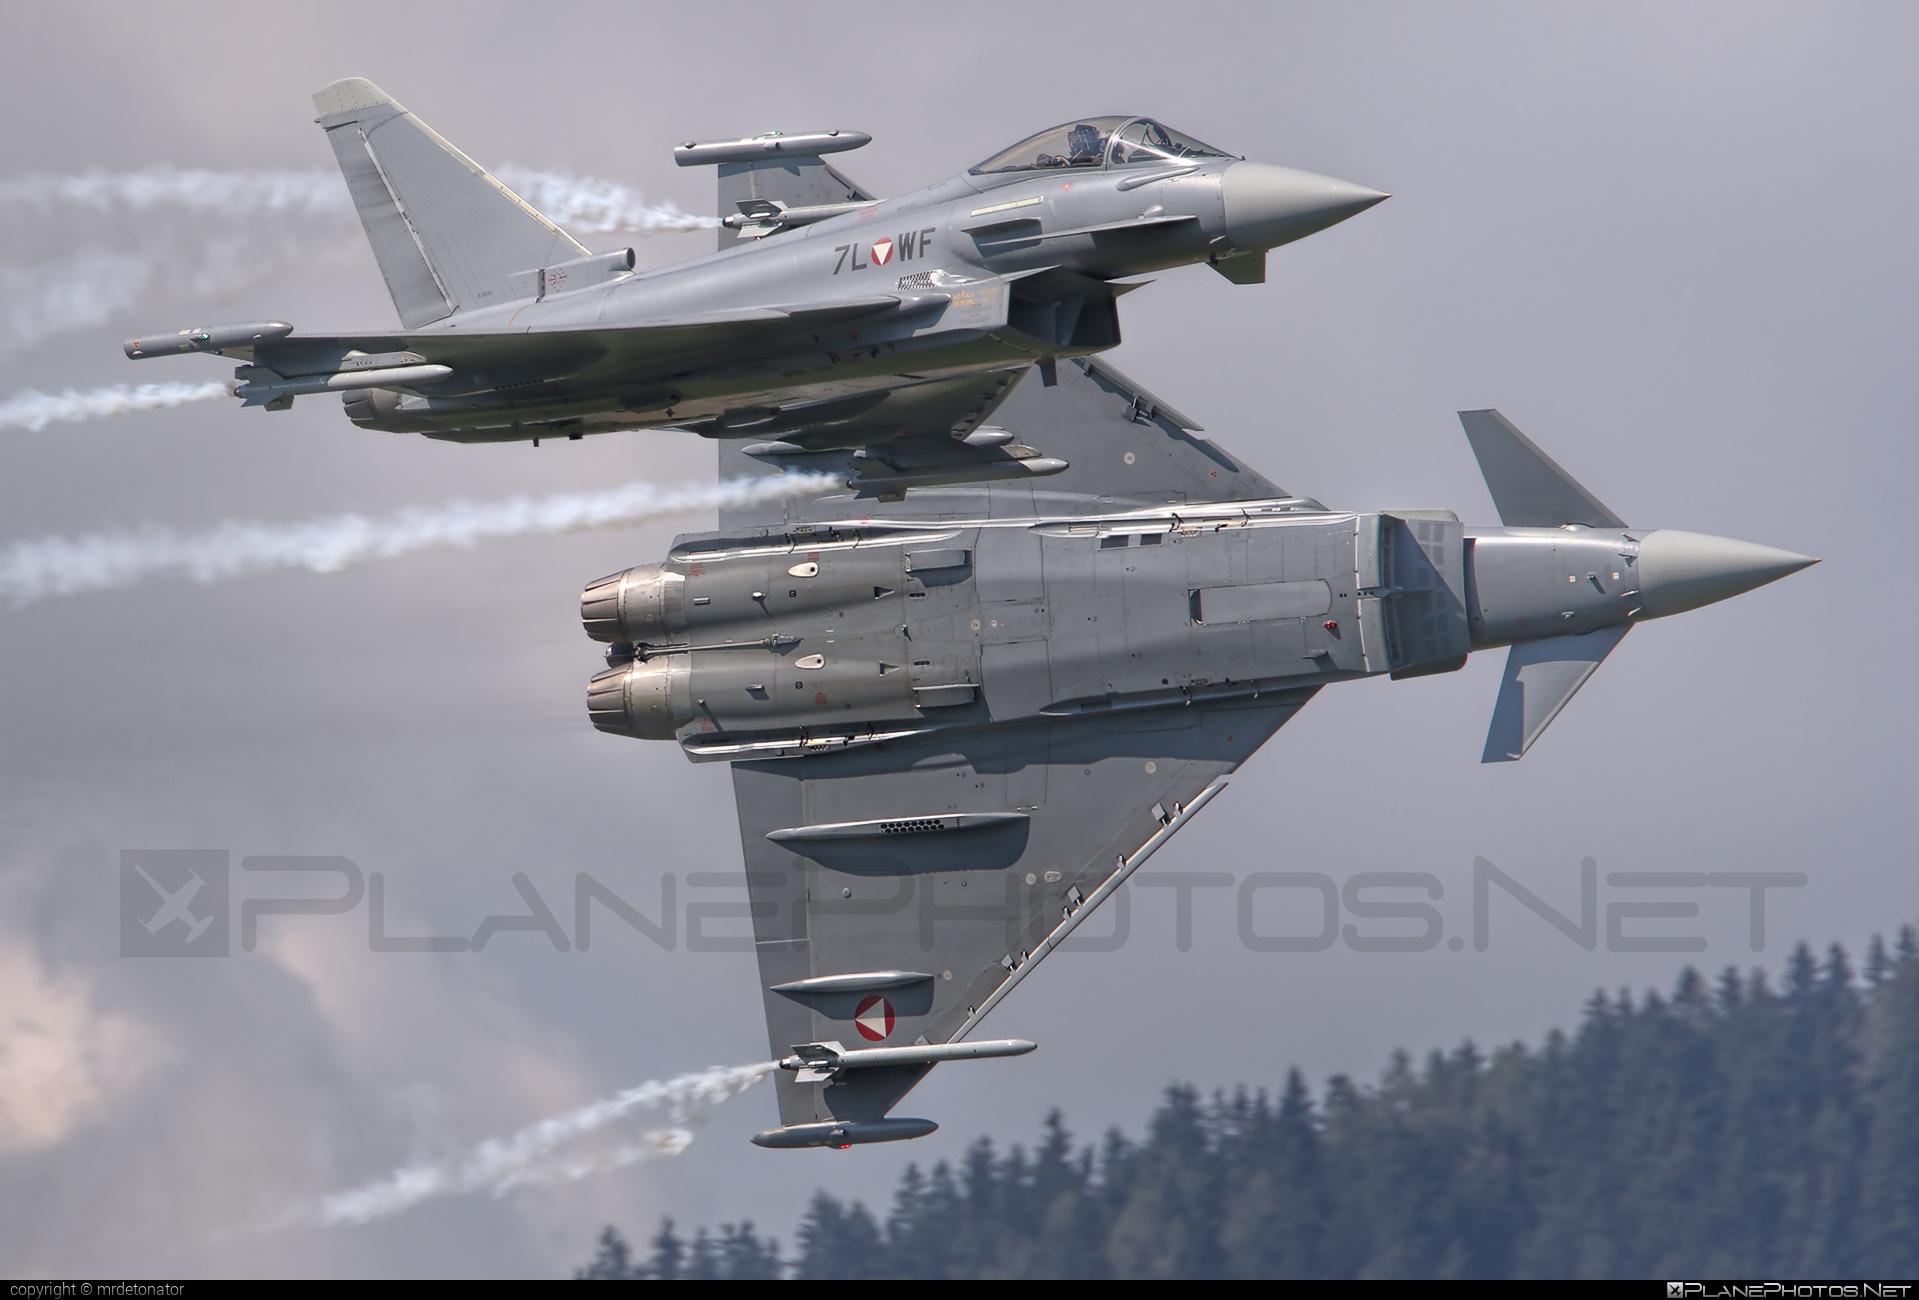 Eurofighter Typhoon S - 7L-WF operated by Österreichische Luftstreitkräfte (Austrian Air Force) #austrianairforce #eurofighter #typhoon